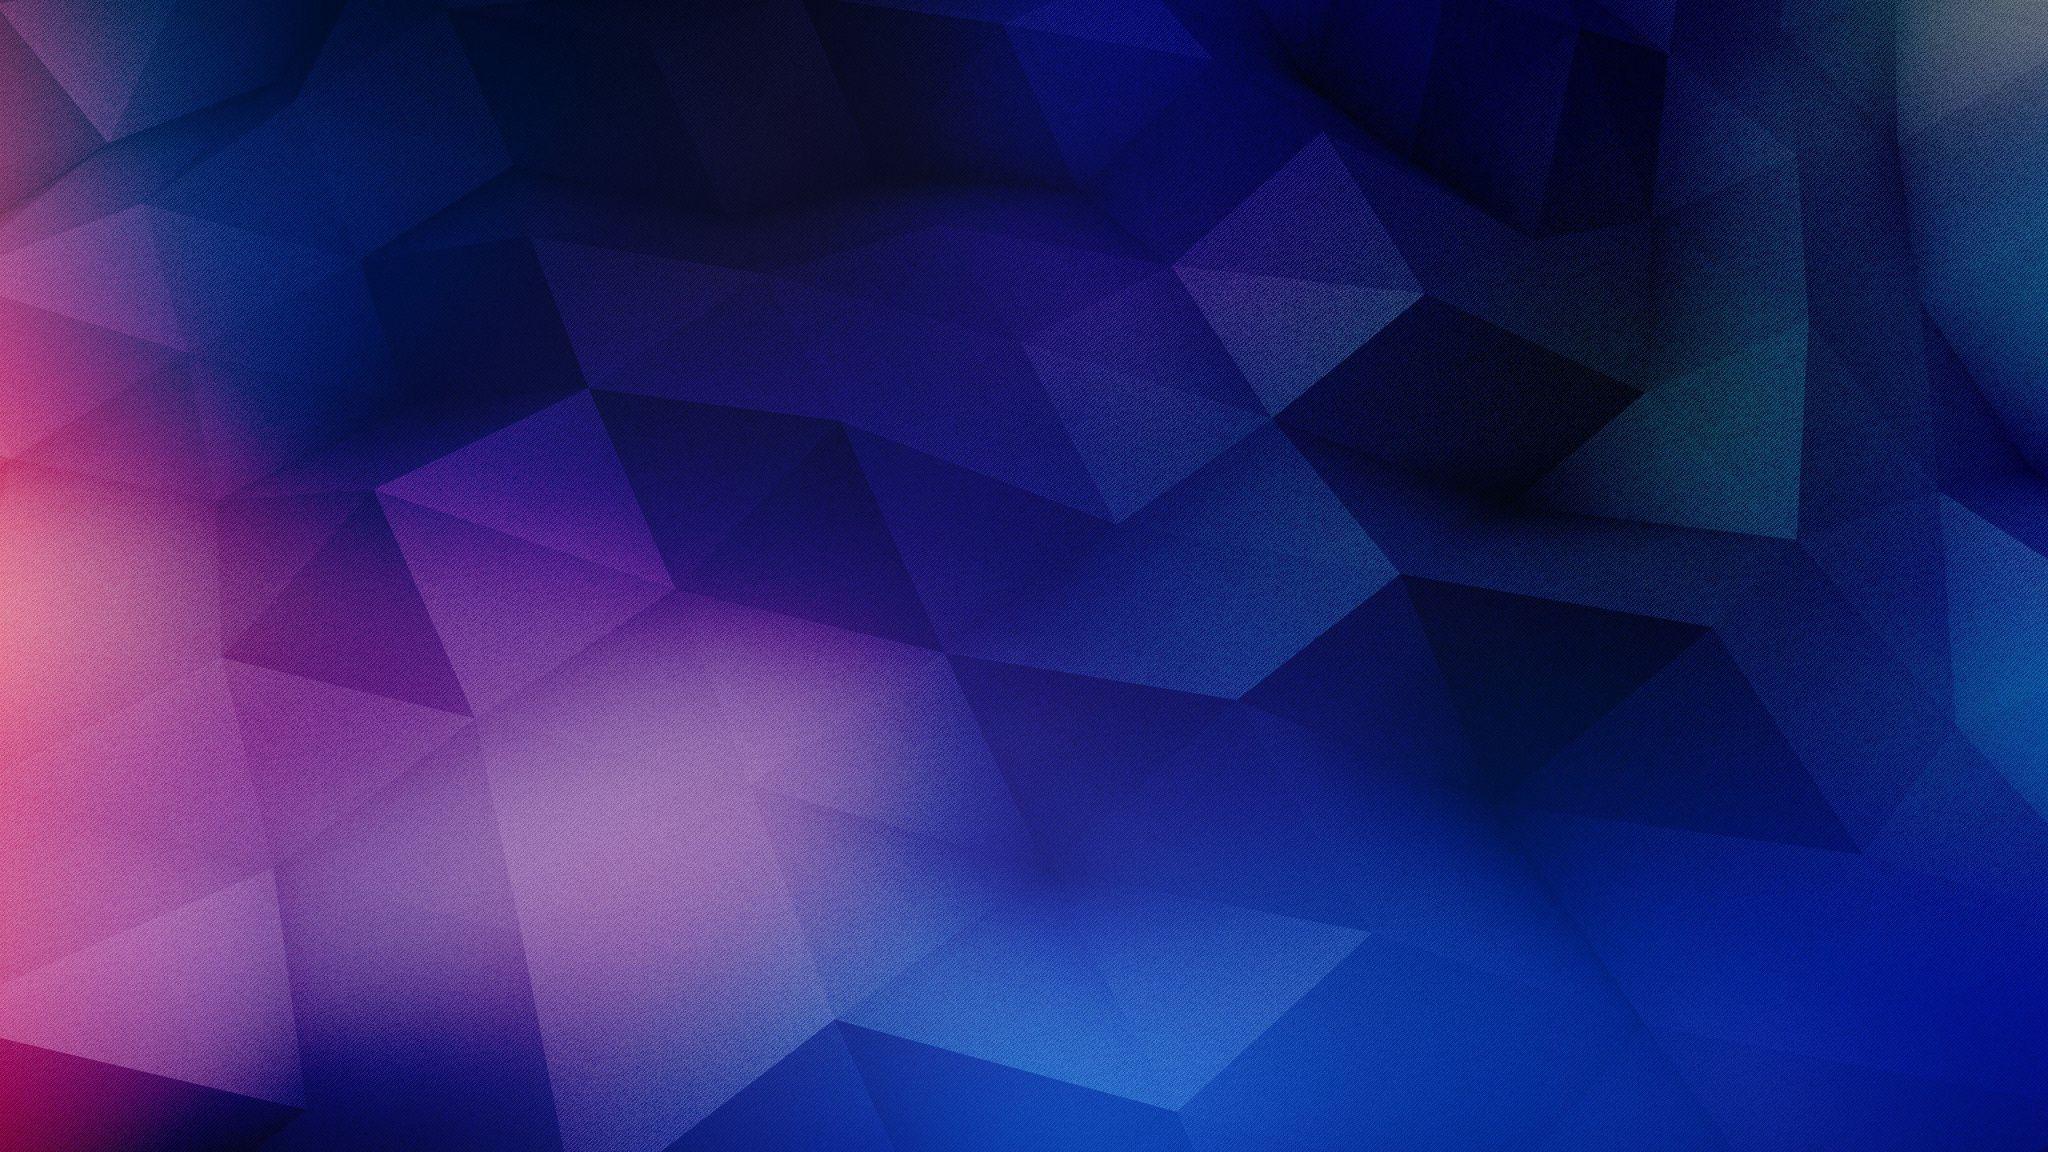 Banner 2048x1152 desktop